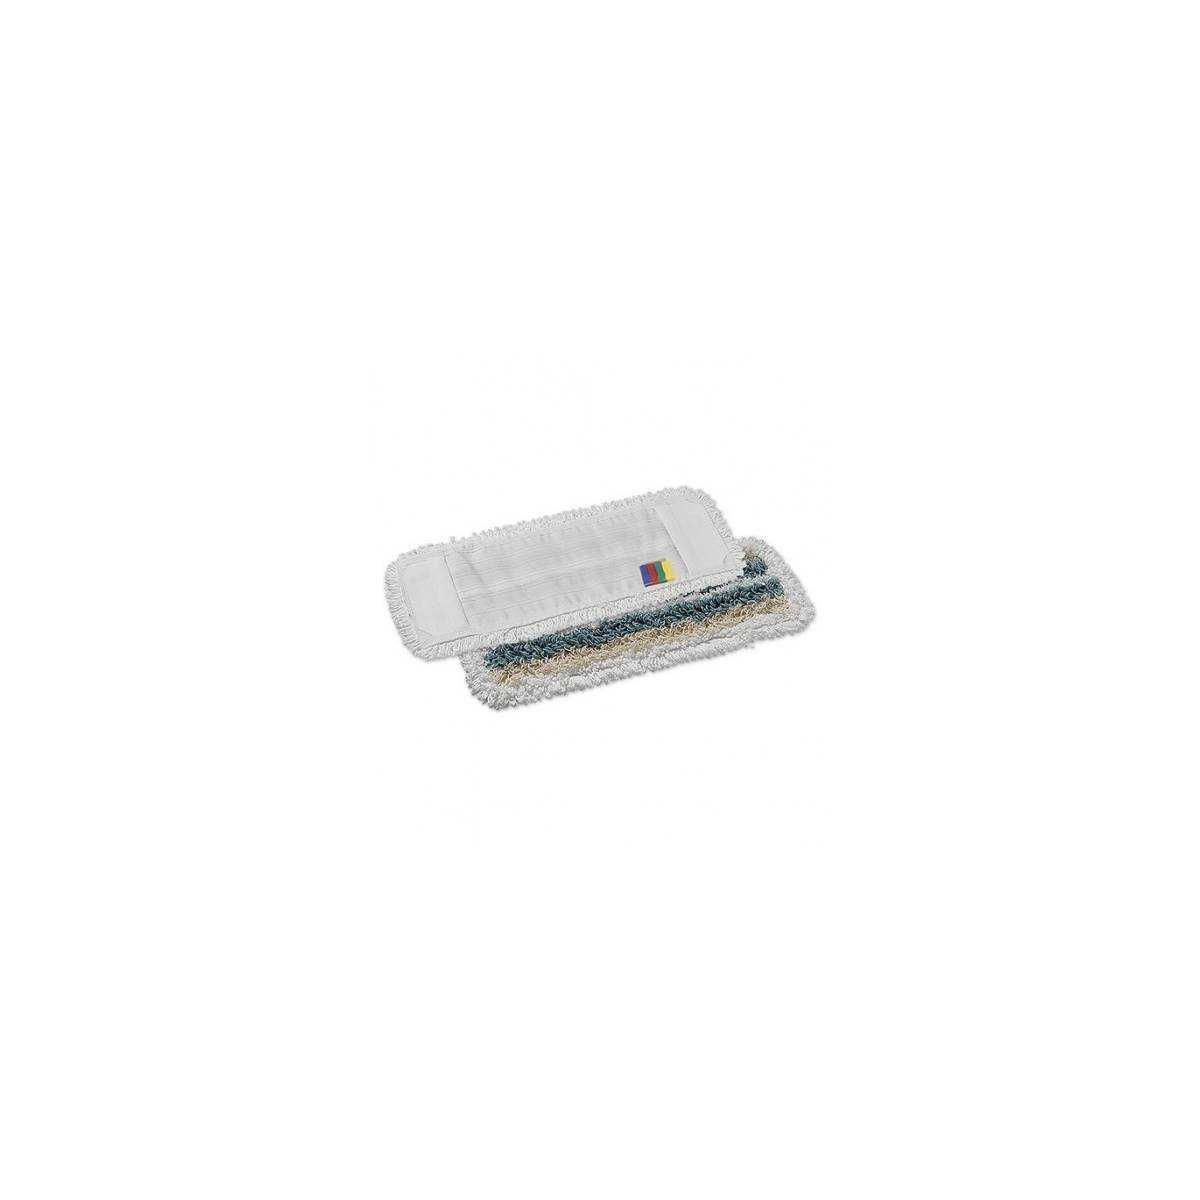 Моп Tris Blik микрофибра-полиэстр-хлопок с карманами 40см 475 TTS